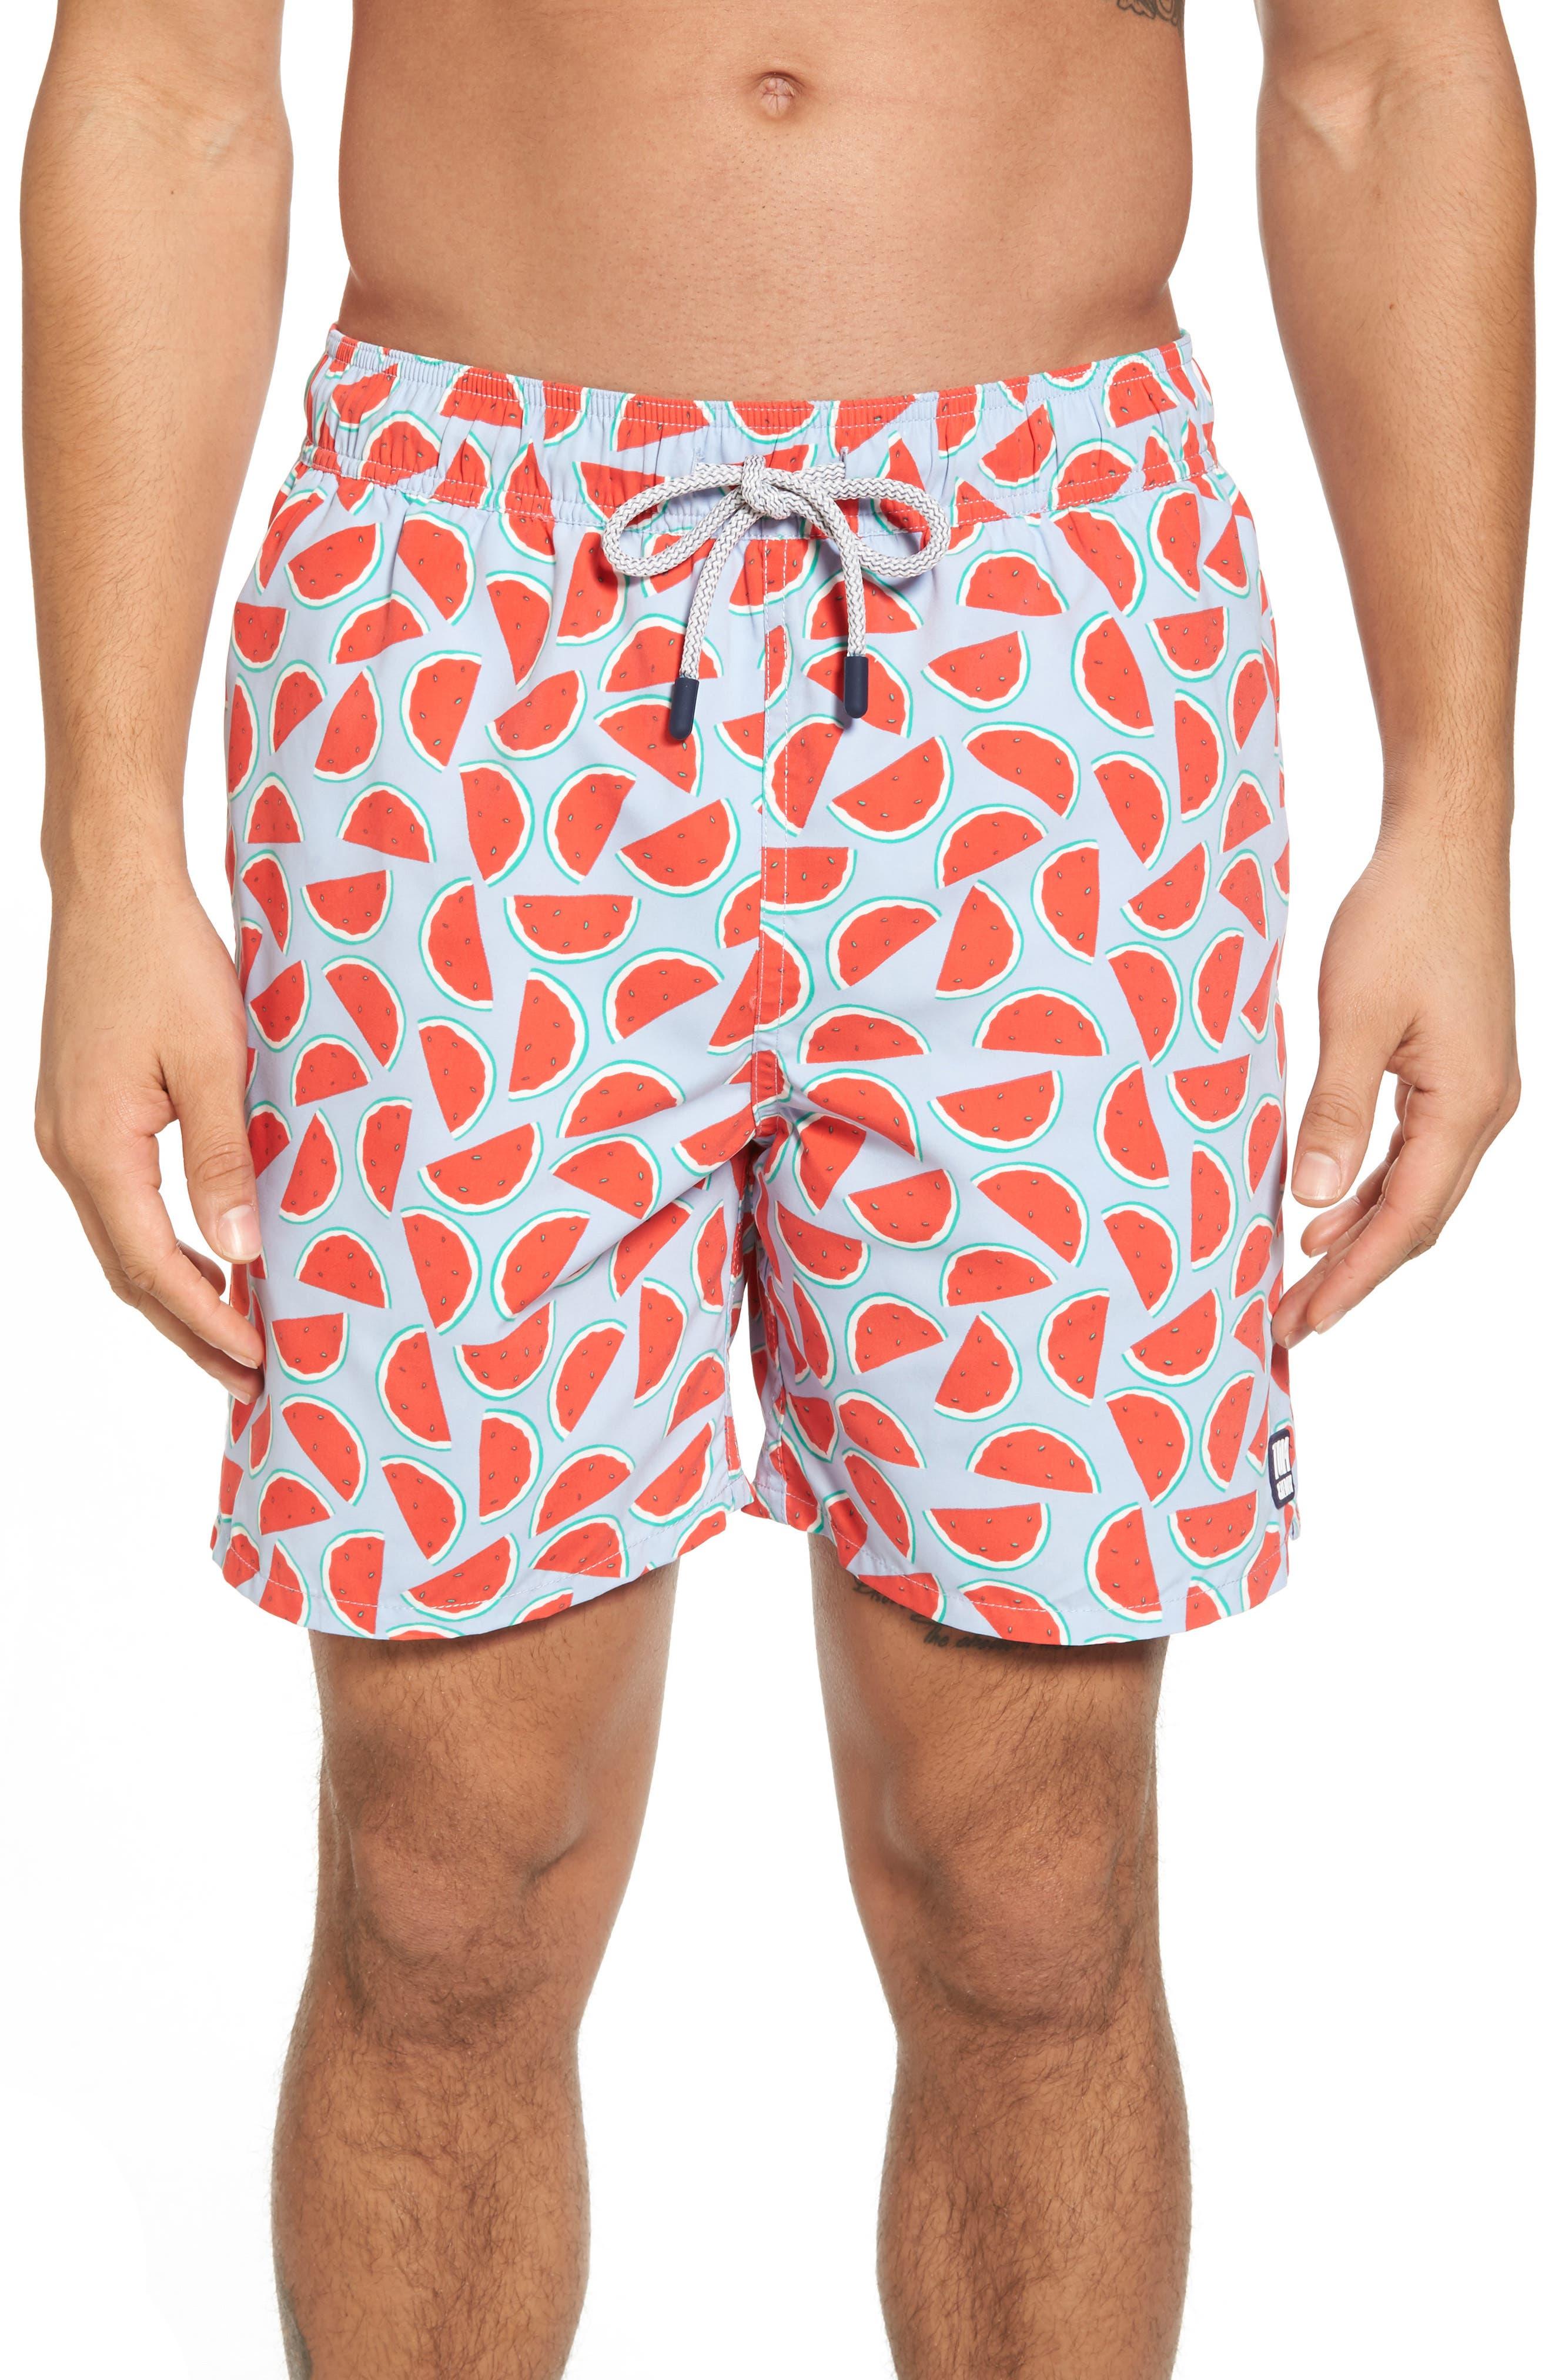 Tom & Teddy Watermelon Print Swim Trunks